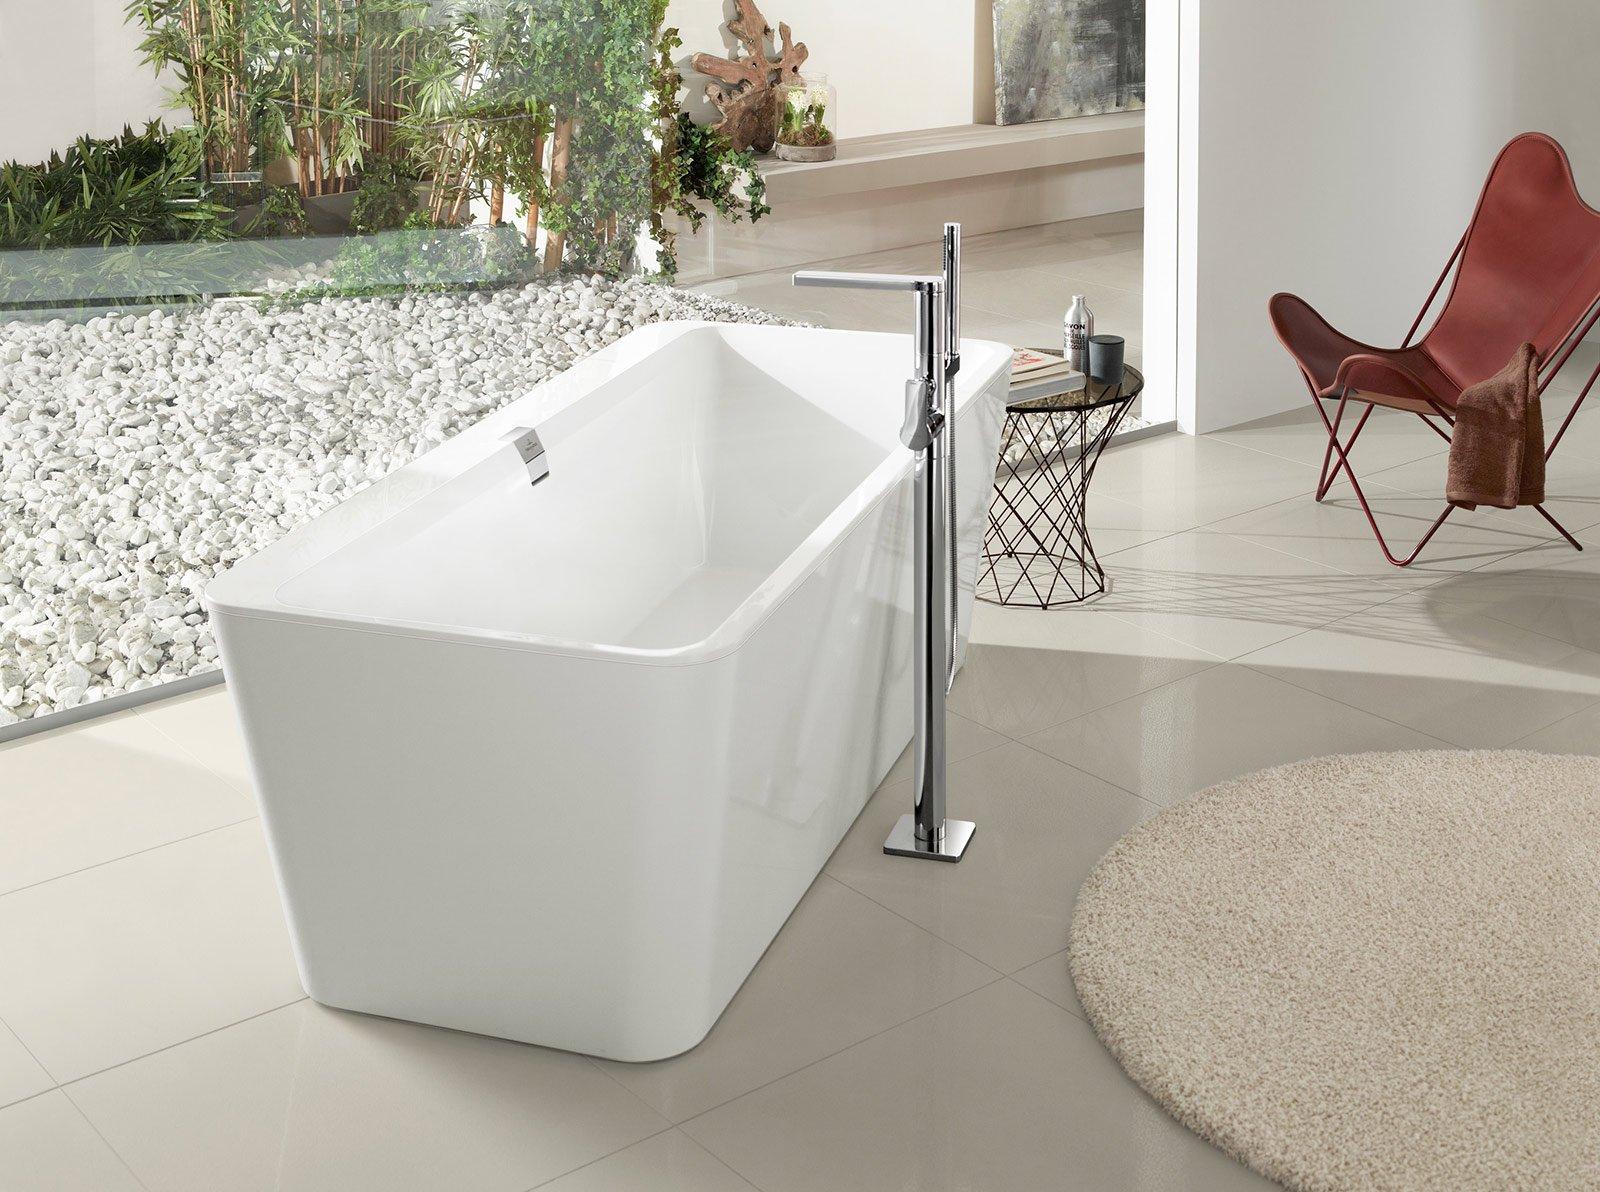 Vasca Da Bagno Villeroy Boch Prezzi : Vasche da bagno novità del cersaie cose di casa